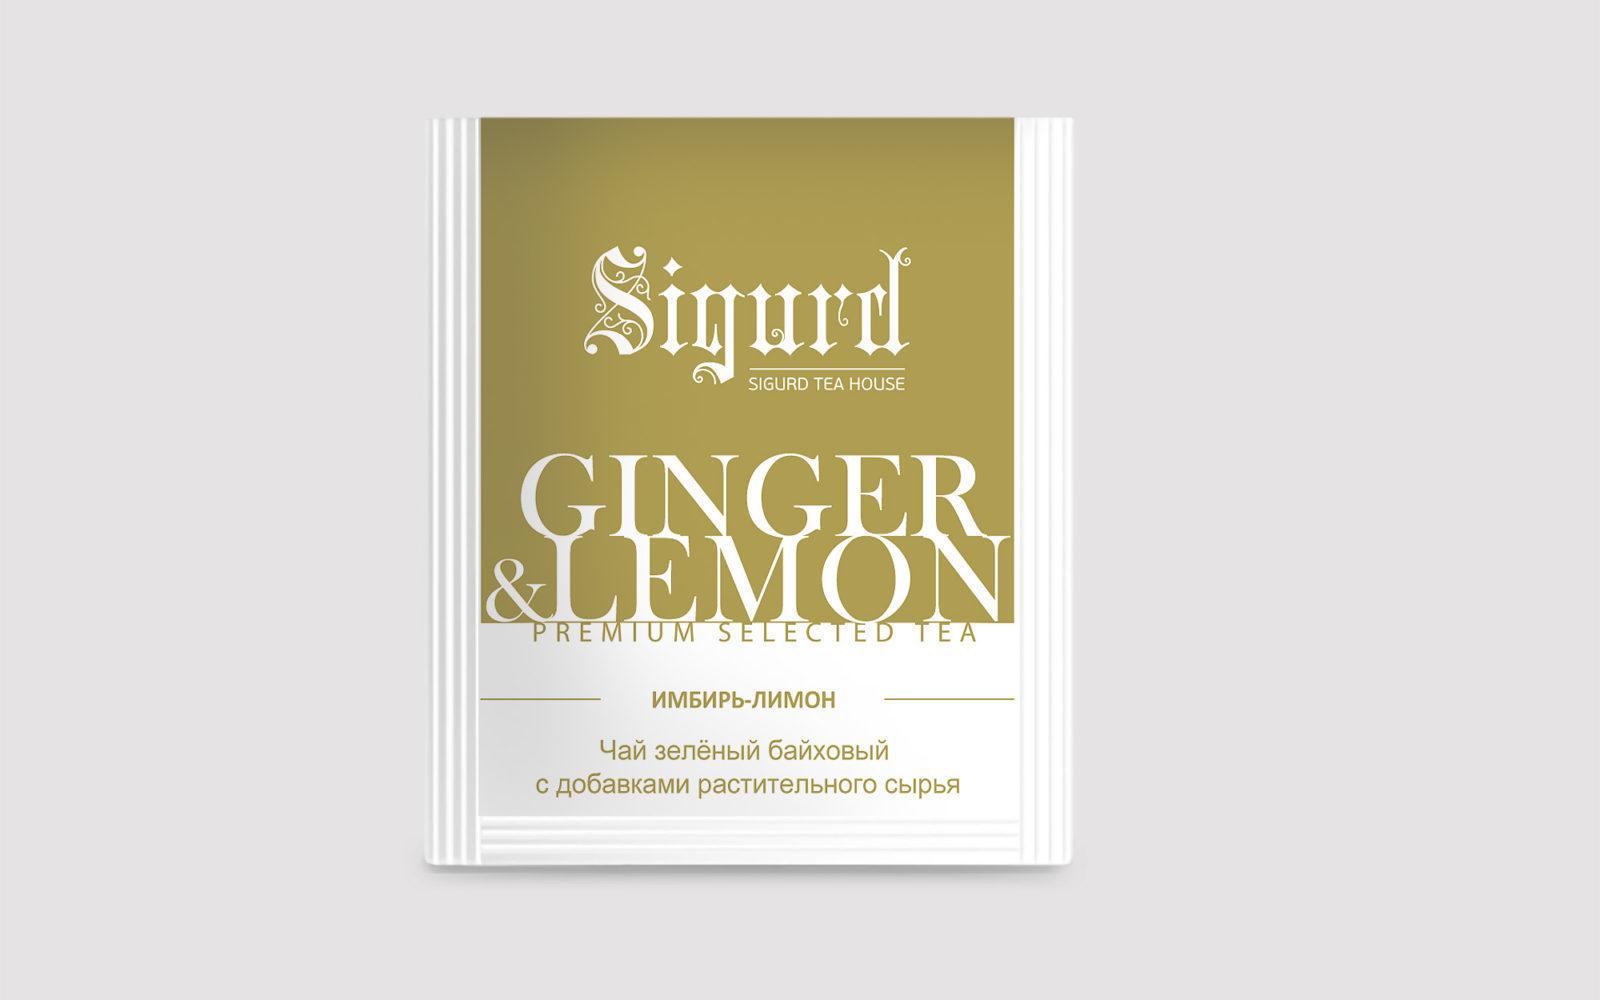 SIGURD GREEN GINGER & LEMON 150 шт